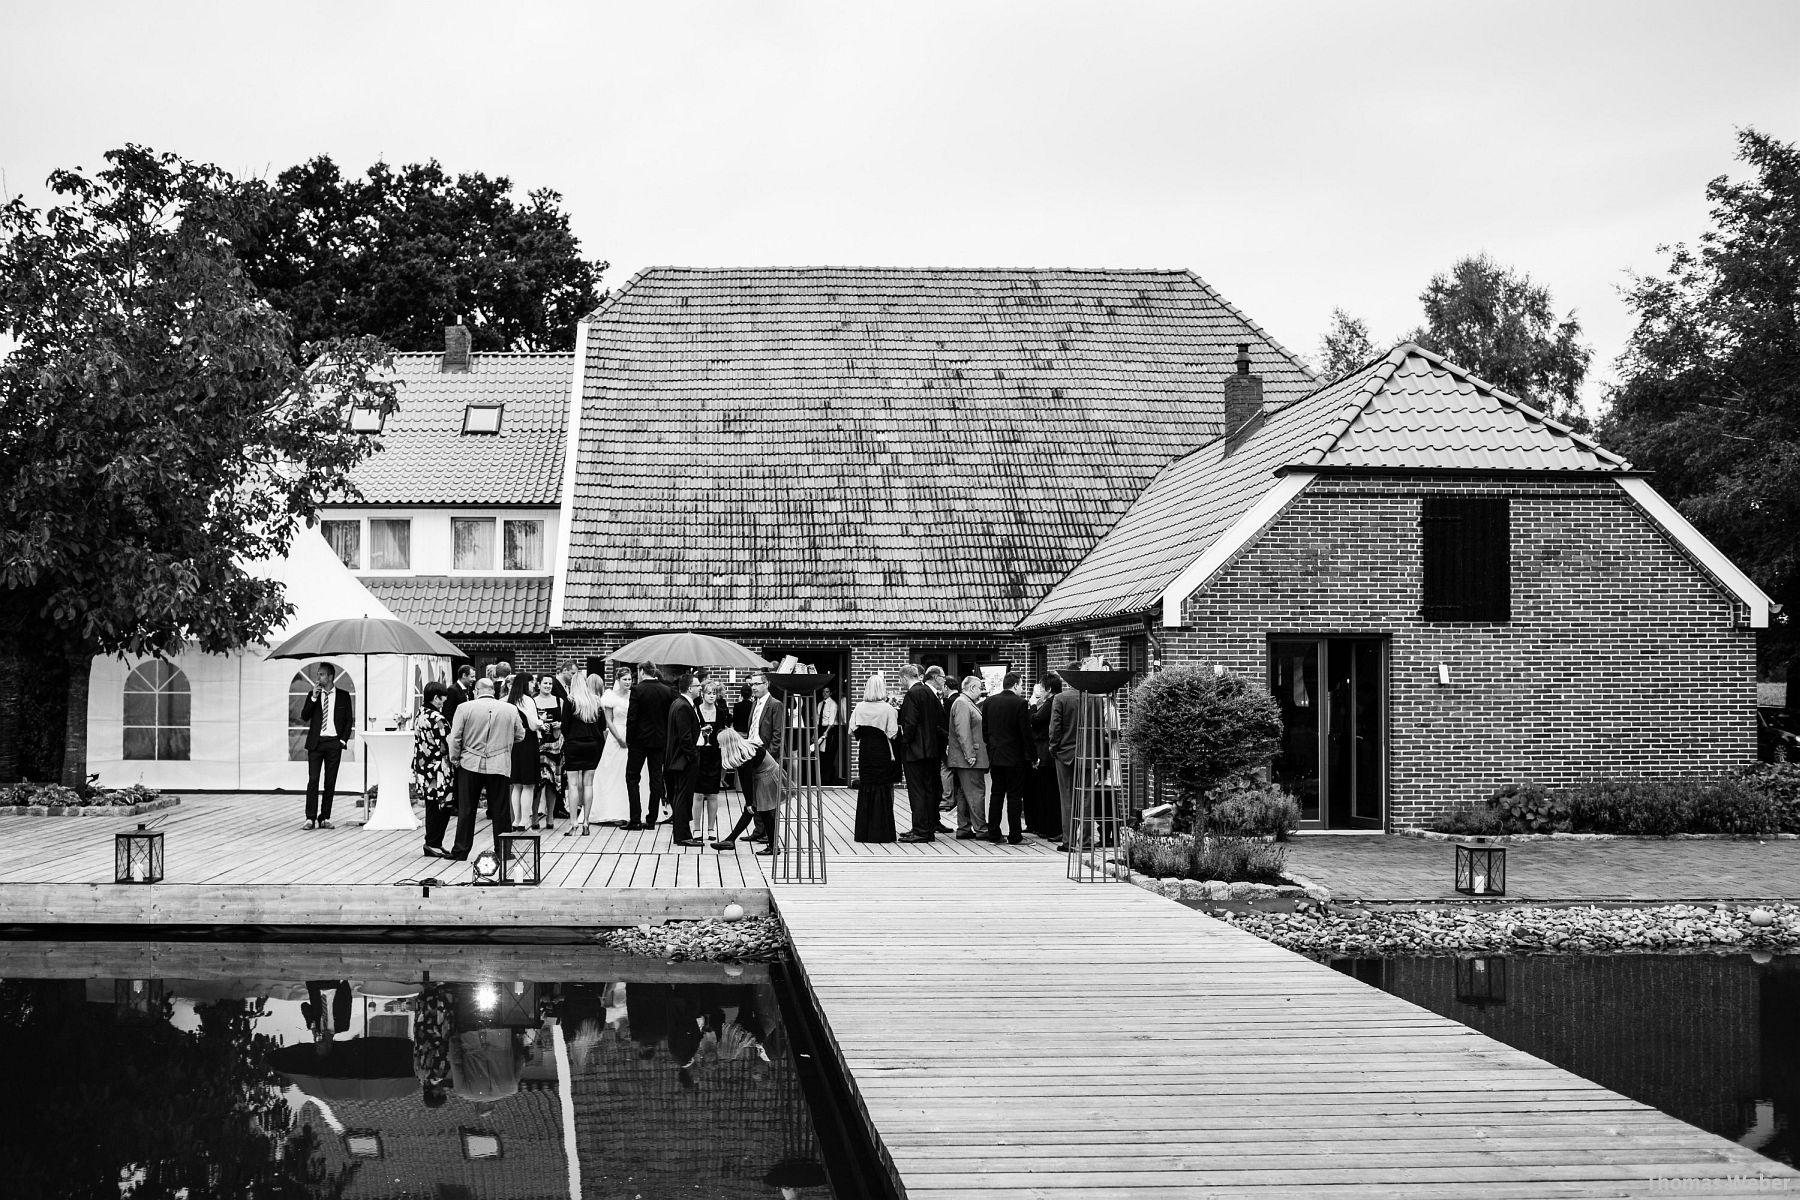 Hochzeitsfotograf Rastede: Kirchliche Trauung in der St. Ulrichs Kirche Rastede und Hochzeitsfeier in der Eventscheune St Georg Rastede mit dem Catering von Split Food (Michael Niebuhr) aus Oldenburg (9)